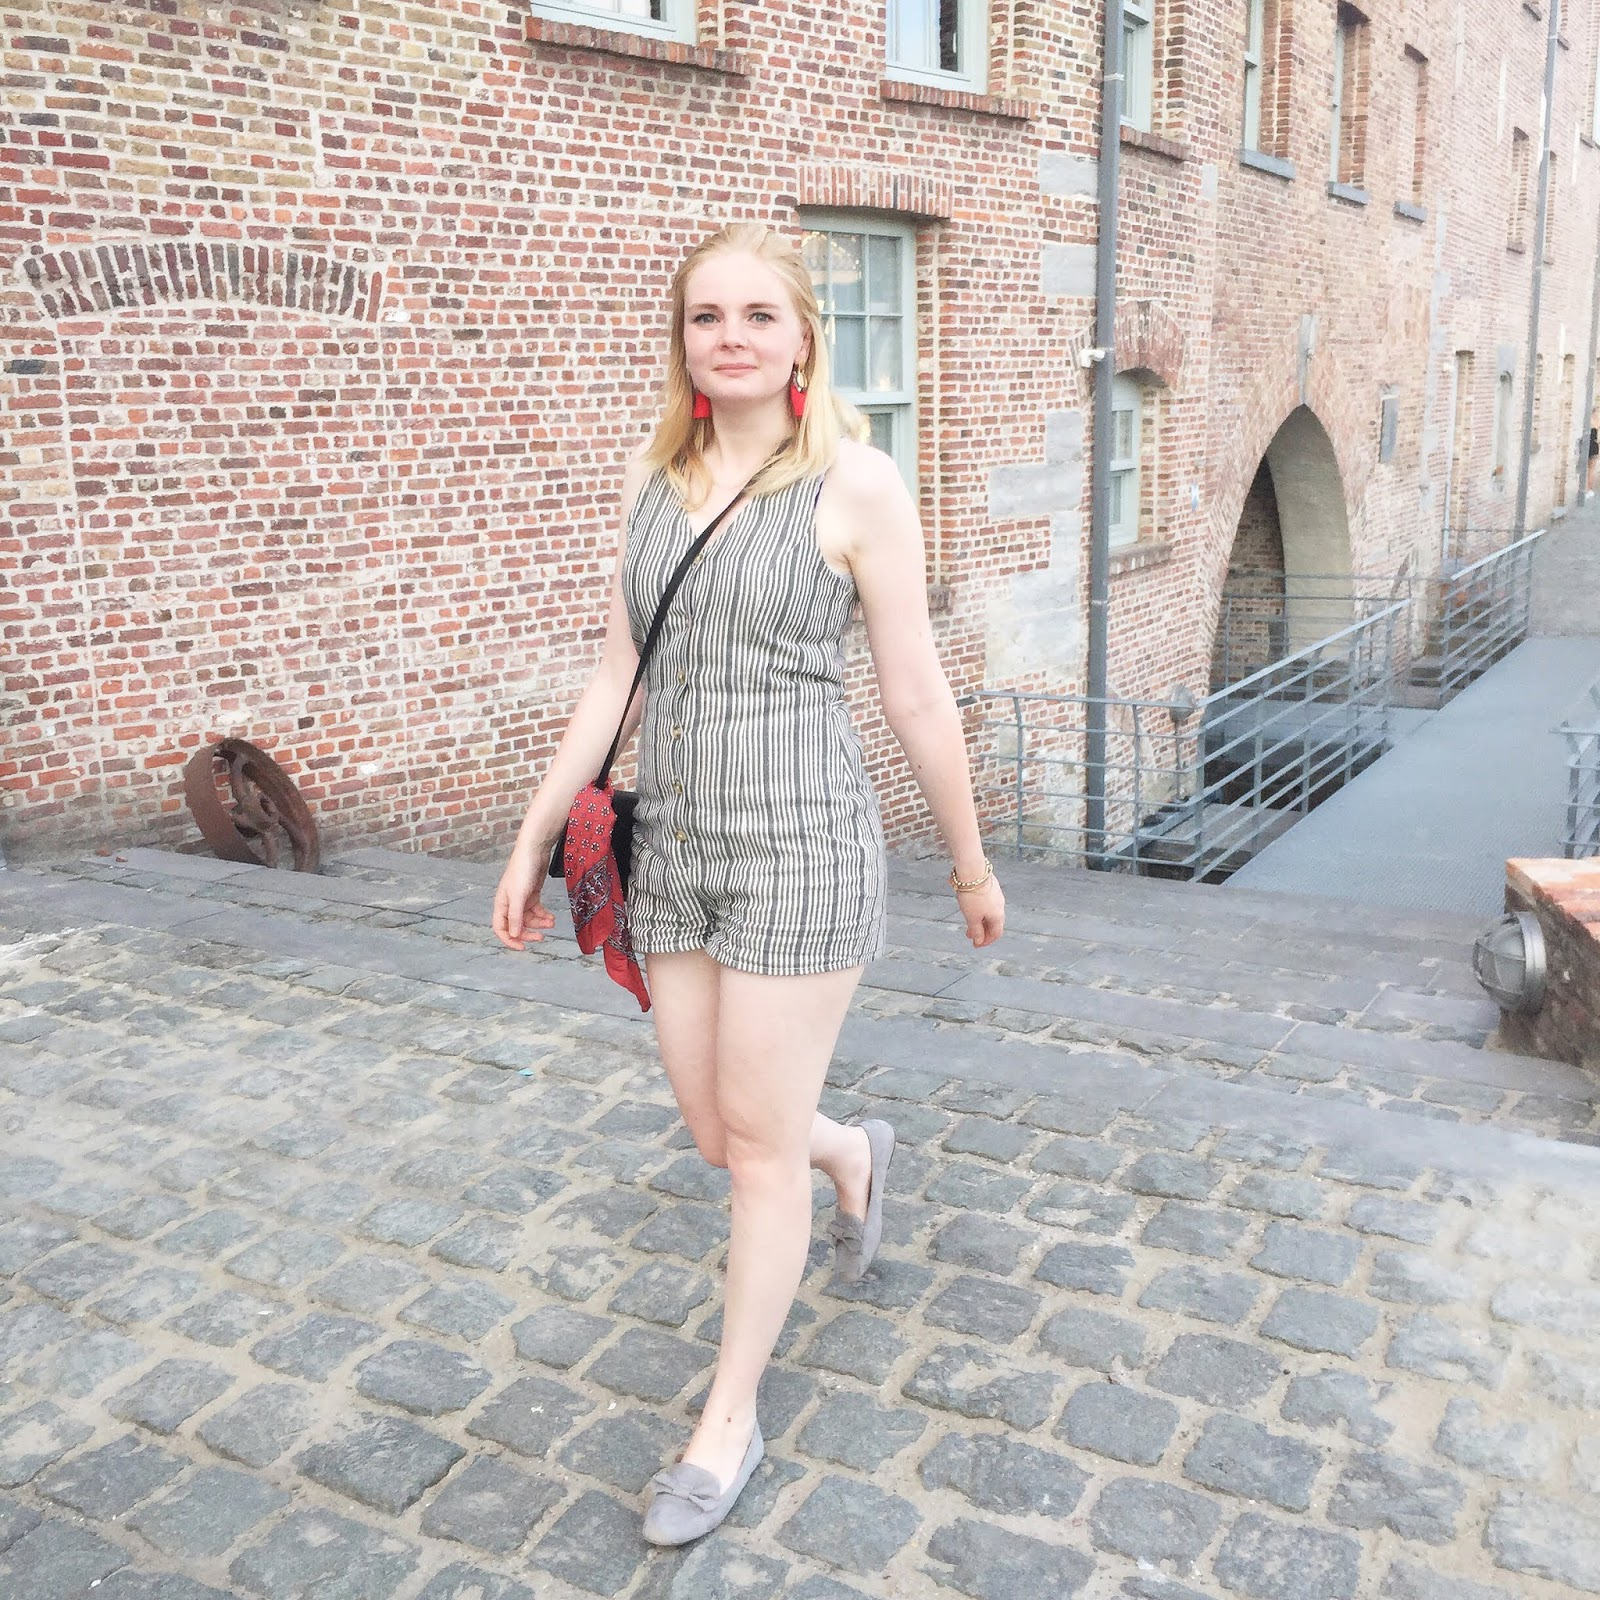 Van kop tot teen in Primark kleding | OOTD